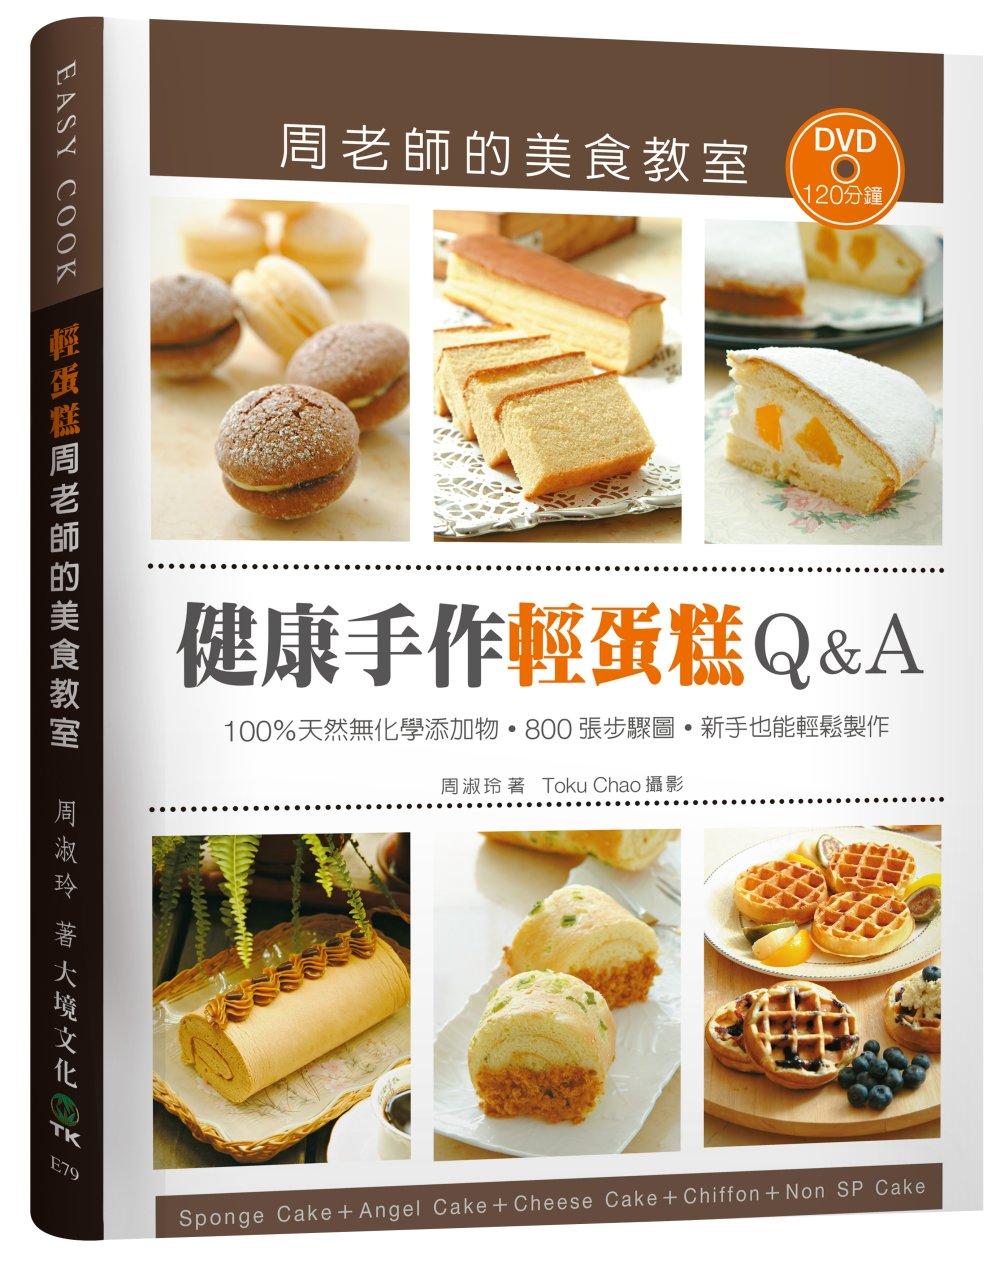 「健康手作輕蛋糕Q&A」周老師的美食教室:100%天然無化學添加物,800張 步驟圖,新手也能輕鬆製作(附120分鐘DVD)輕蛋糕新版